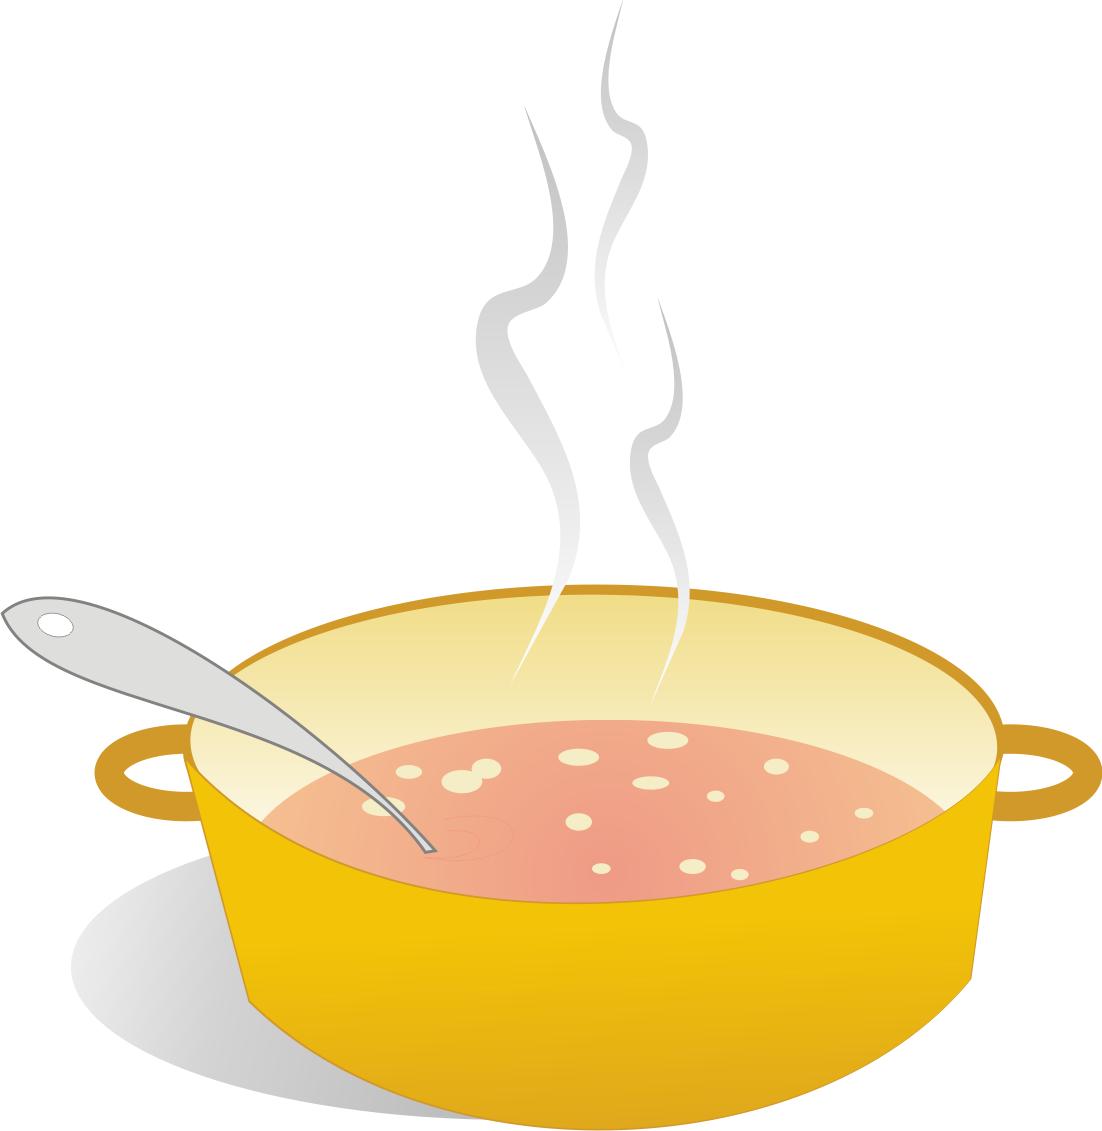 Soup pot clip art